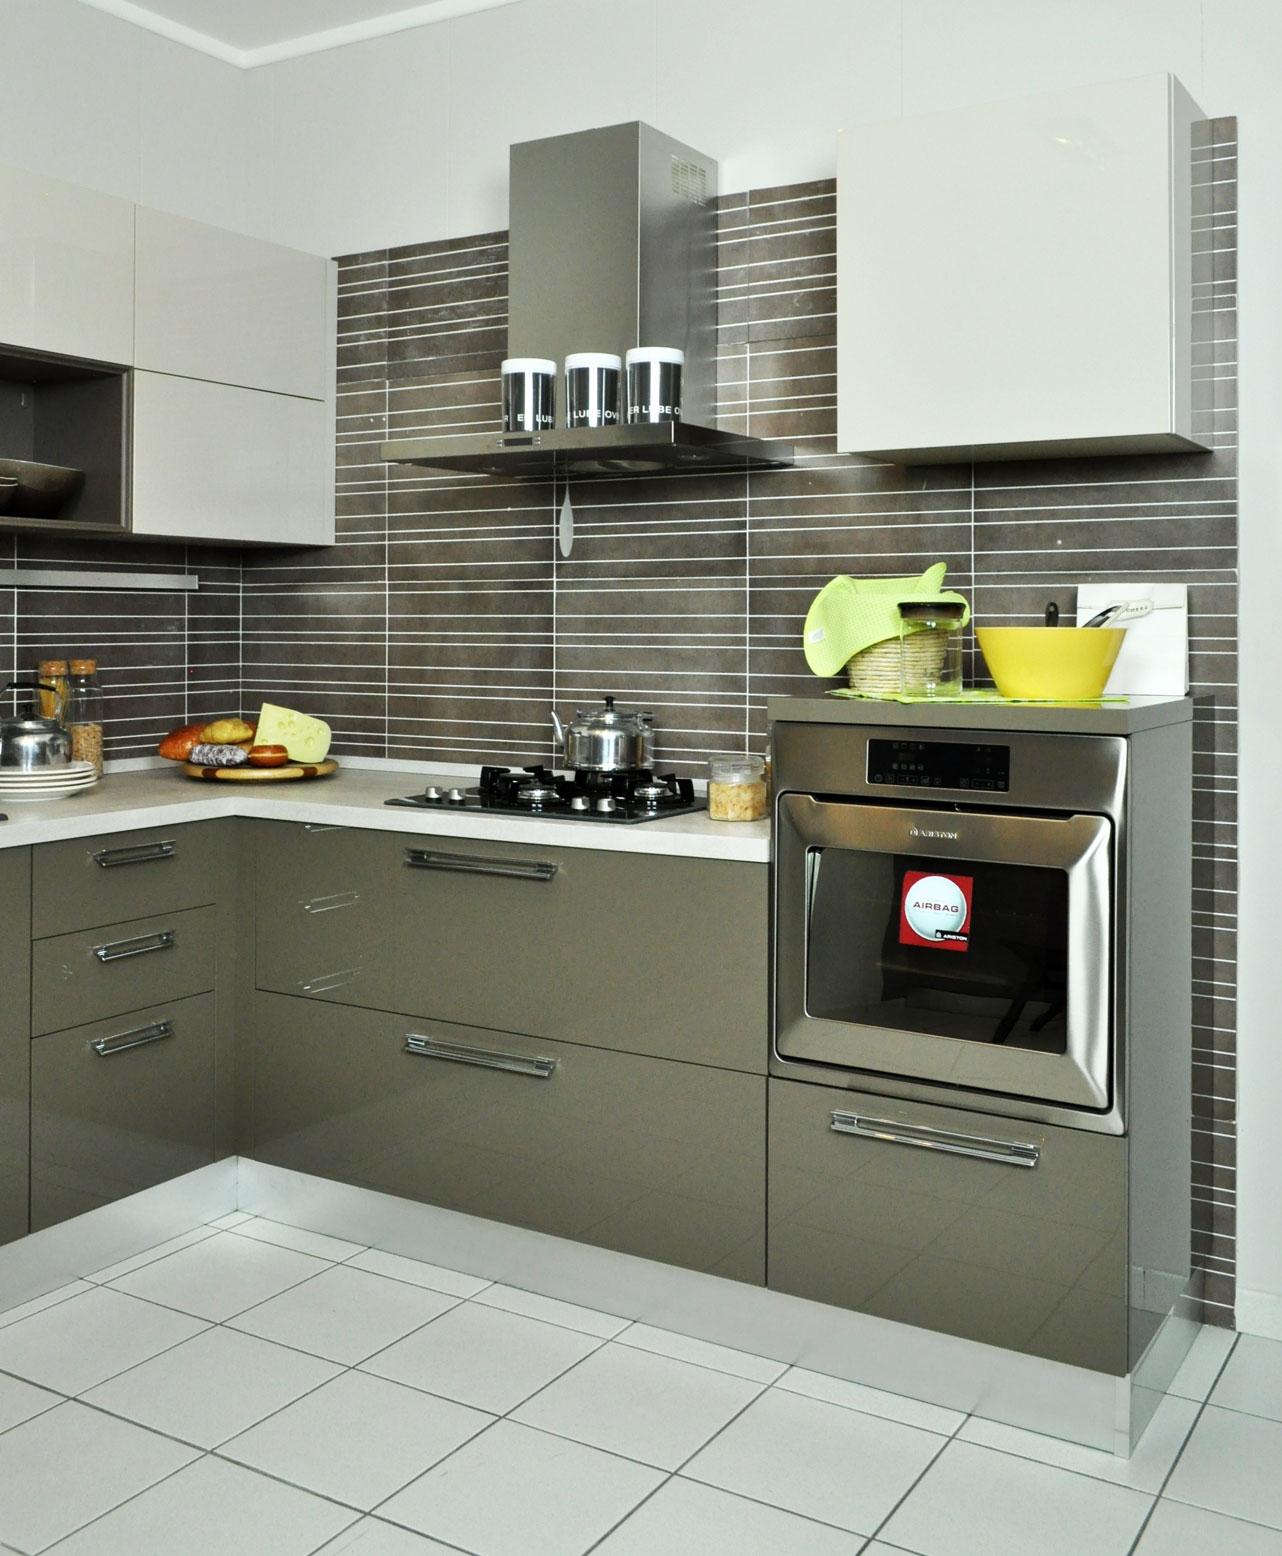 Cucina lube modello martina angolare laccata lucida e - Pensili cucina prezzi ...